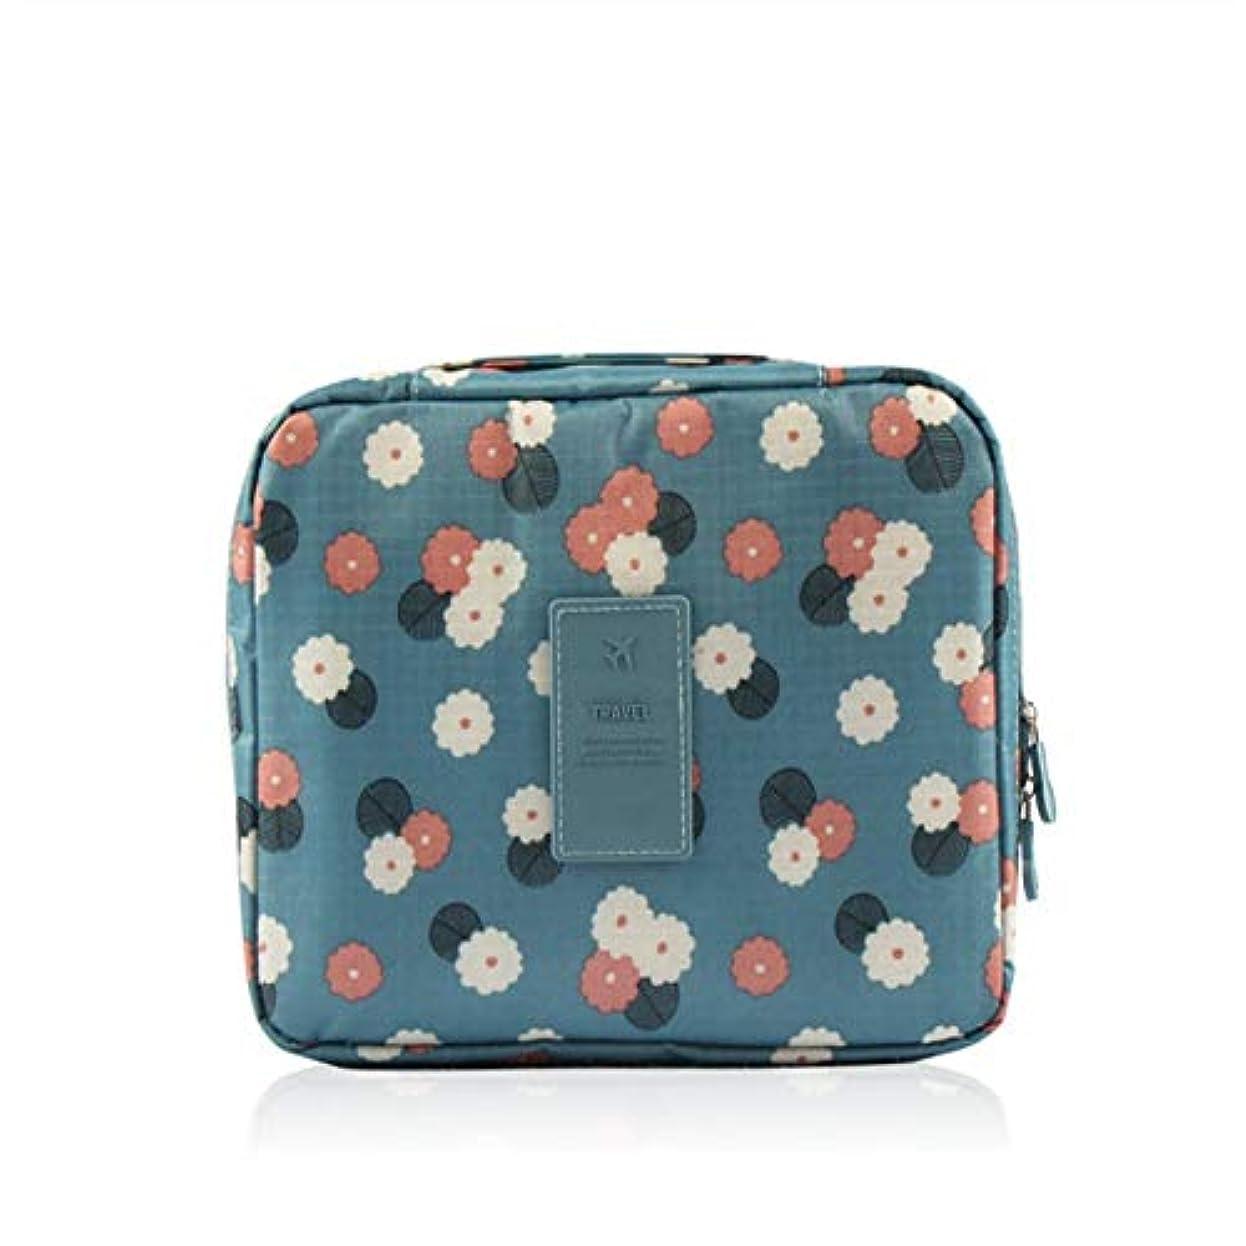 追放するポジティブ協定化粧オーガナイザーバッグ 花プリント化粧品化粧品バッグ旅行化粧品オーガナイザー5コンパートメント 化粧品ケース (色 : 青)